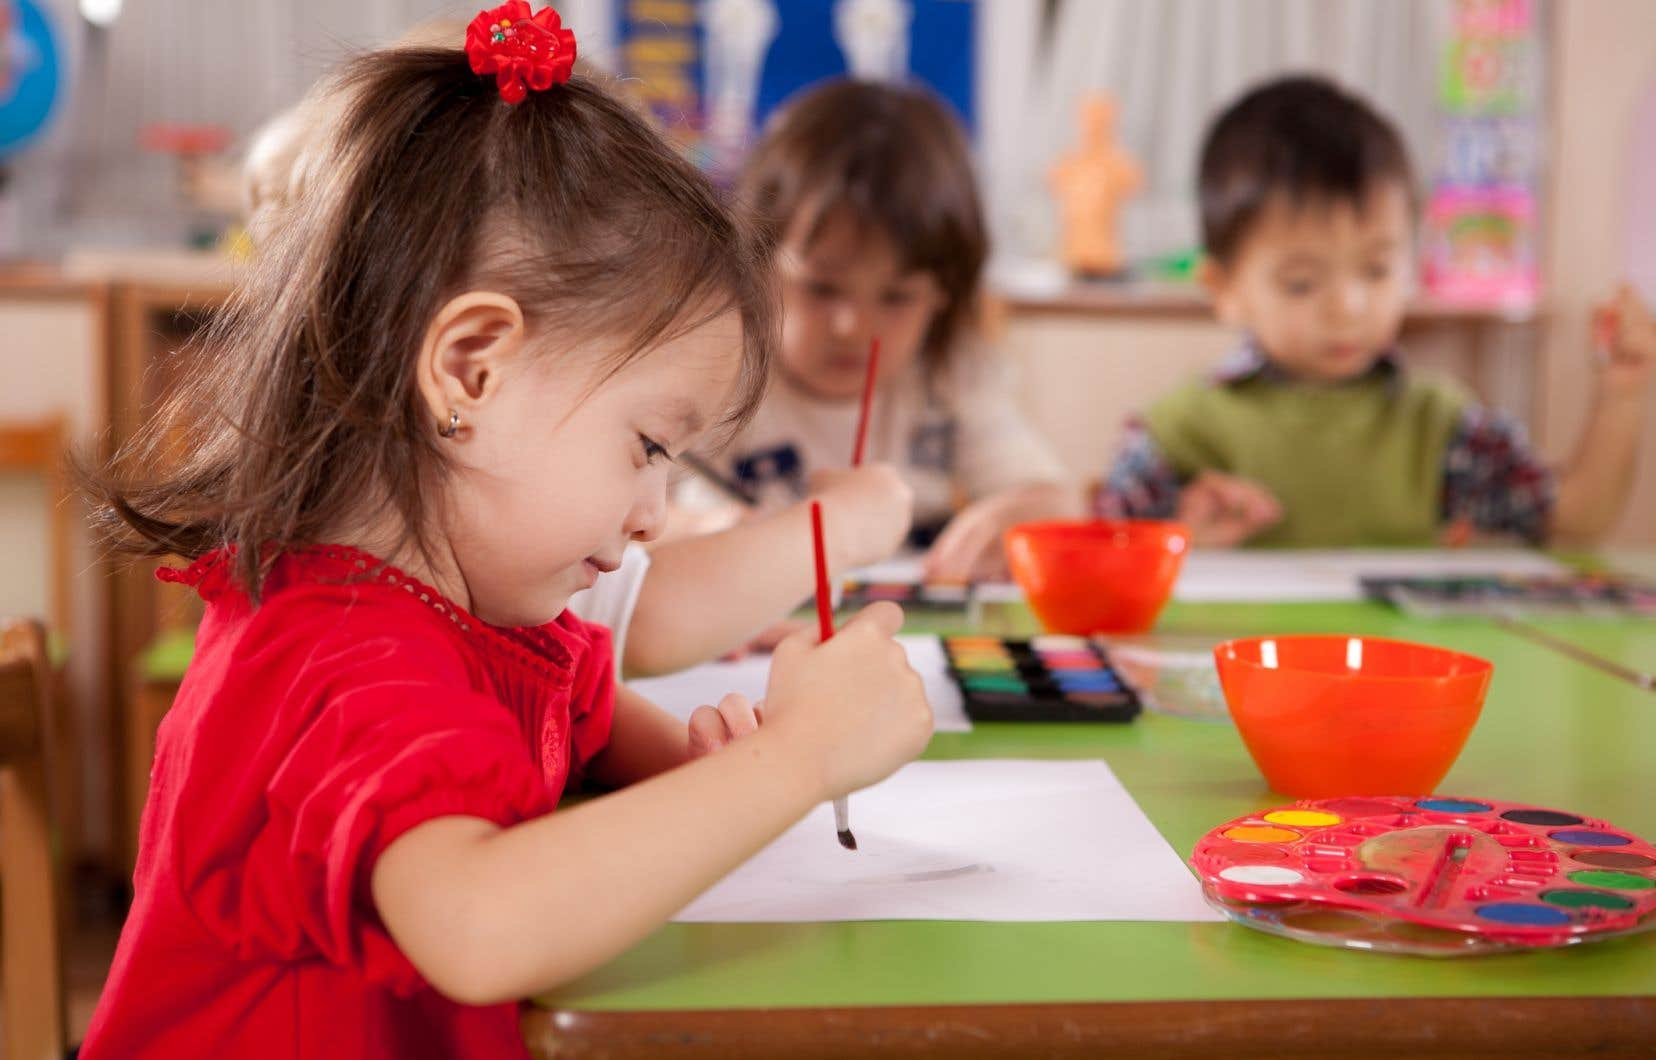 «Le gouvernement a fait preuve d'improvisation, ce qui n'a aucun sens en créant un programme aussi coûteux», estime Valérie Grenon, présidente de la FIPEQ, à propos des nouvelles classes de maternelle 4 ans.